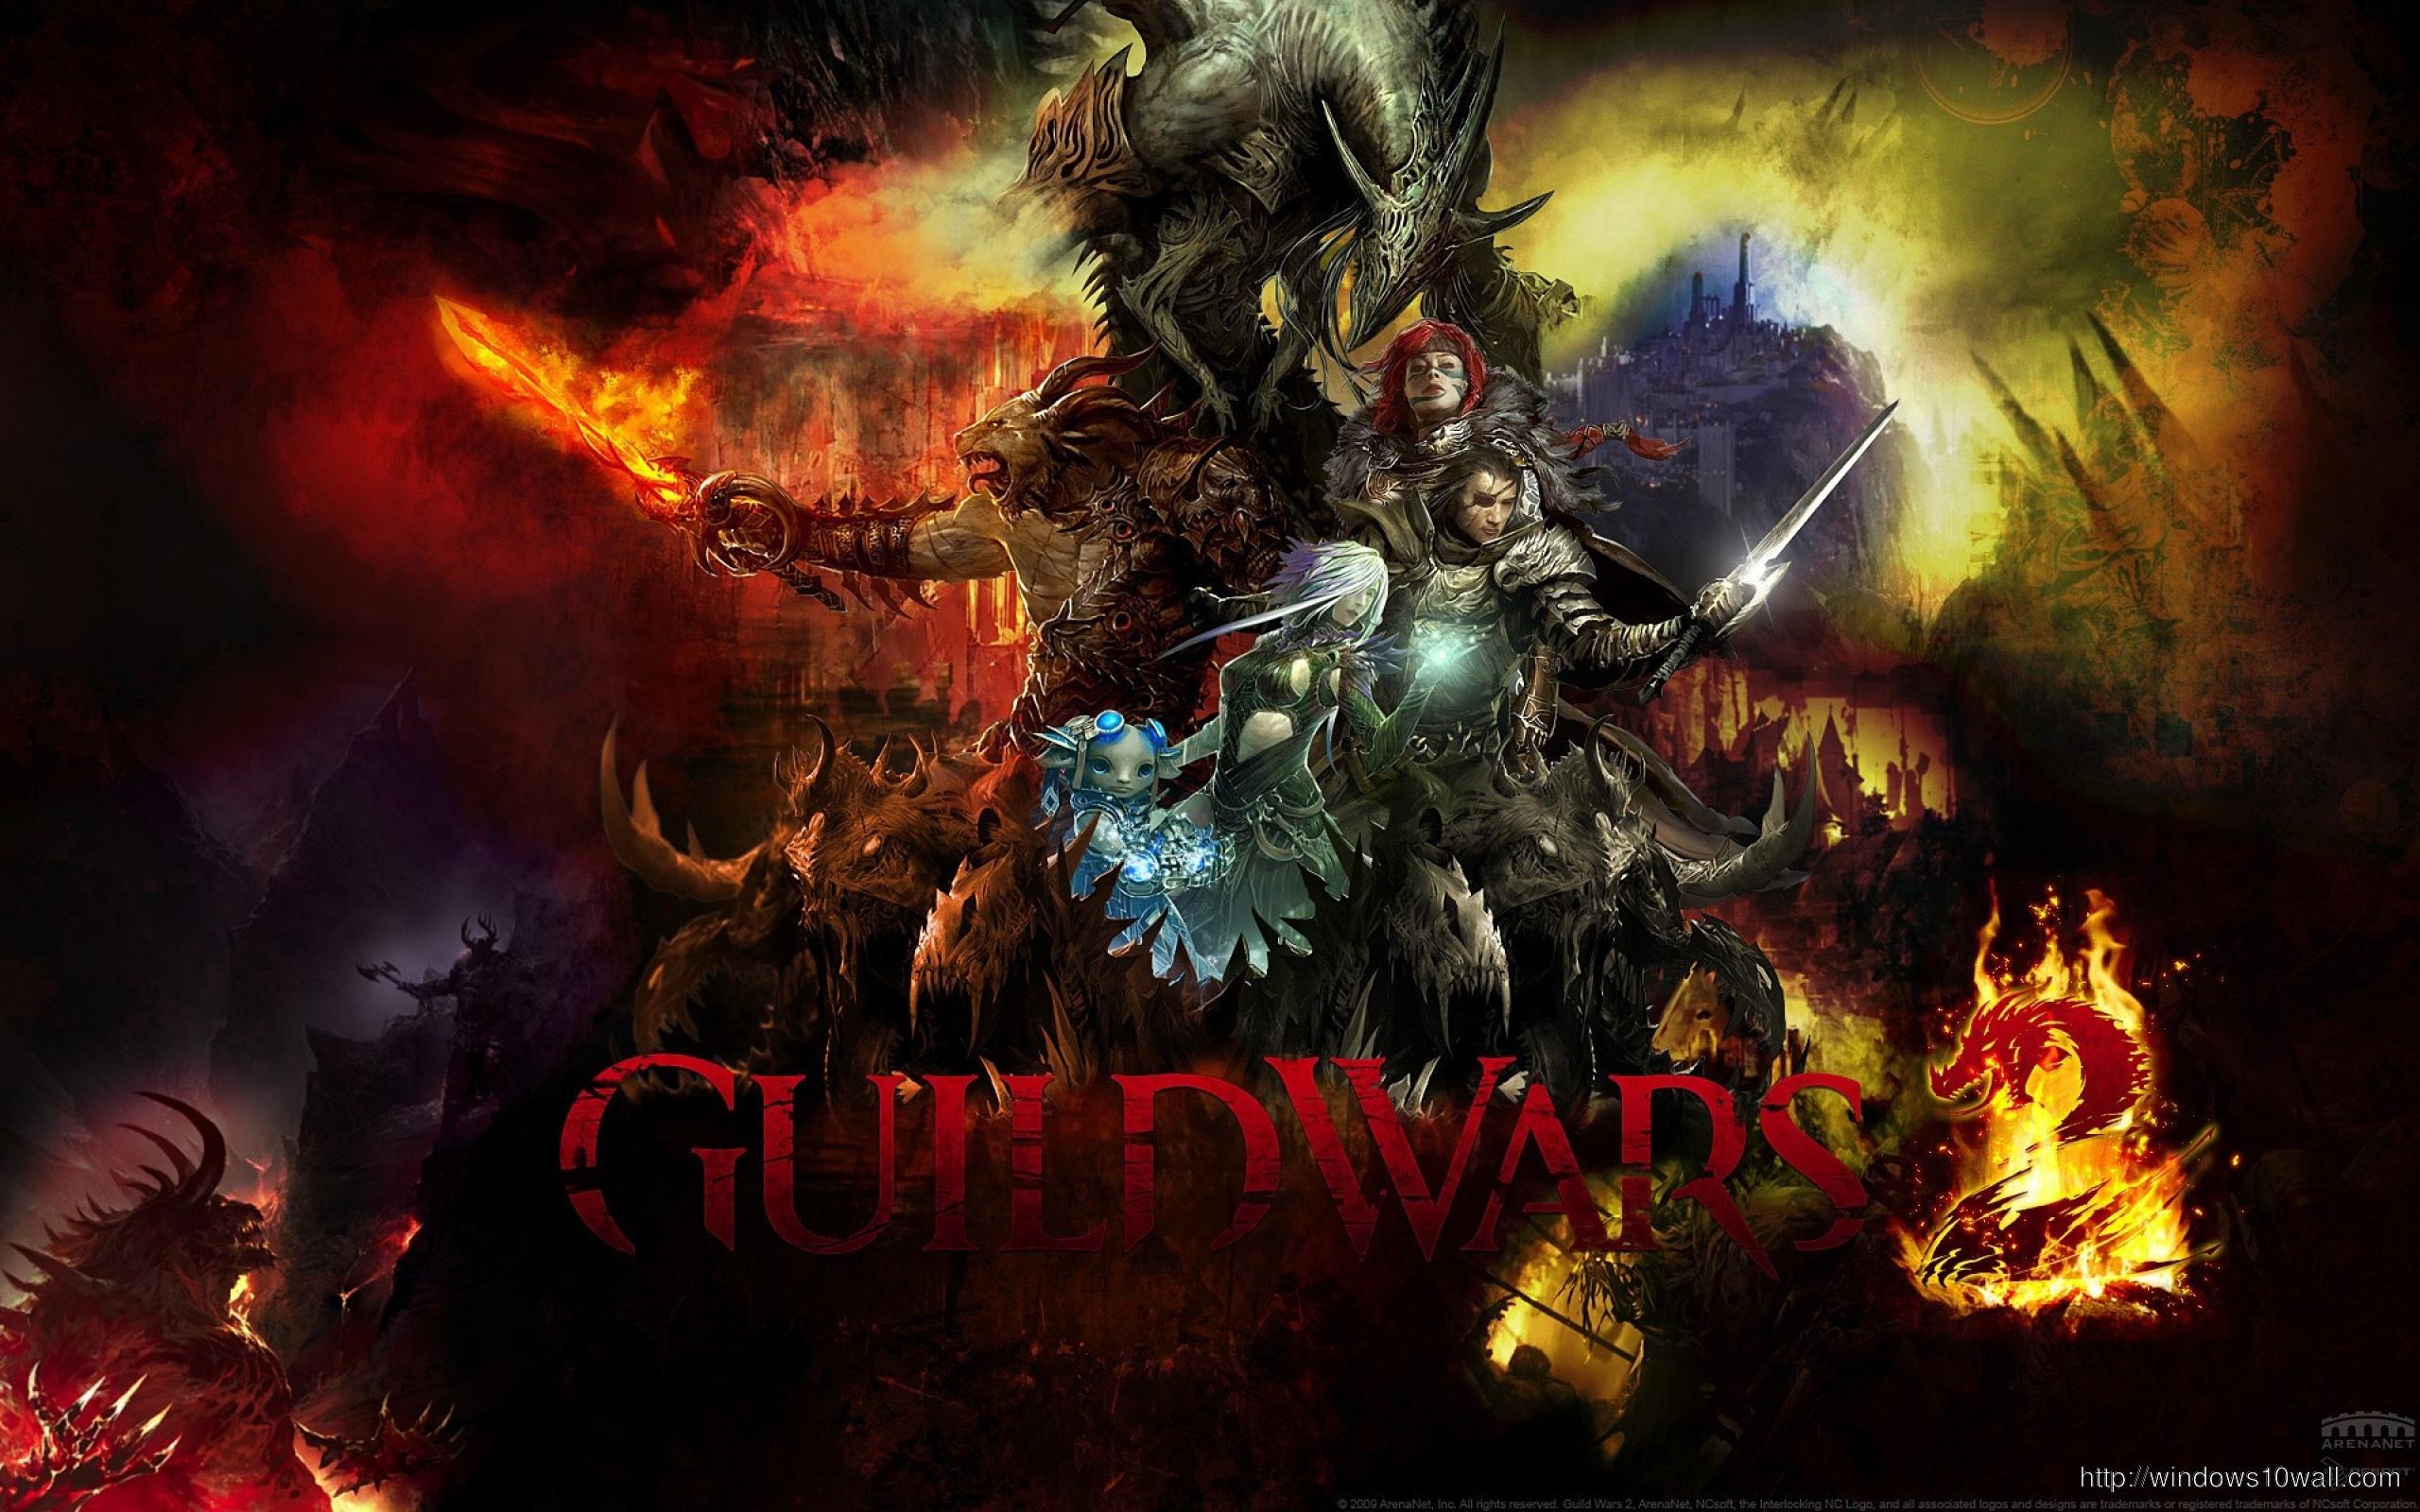 fantasy-art-artwork-guild-wars-2-wallpaper